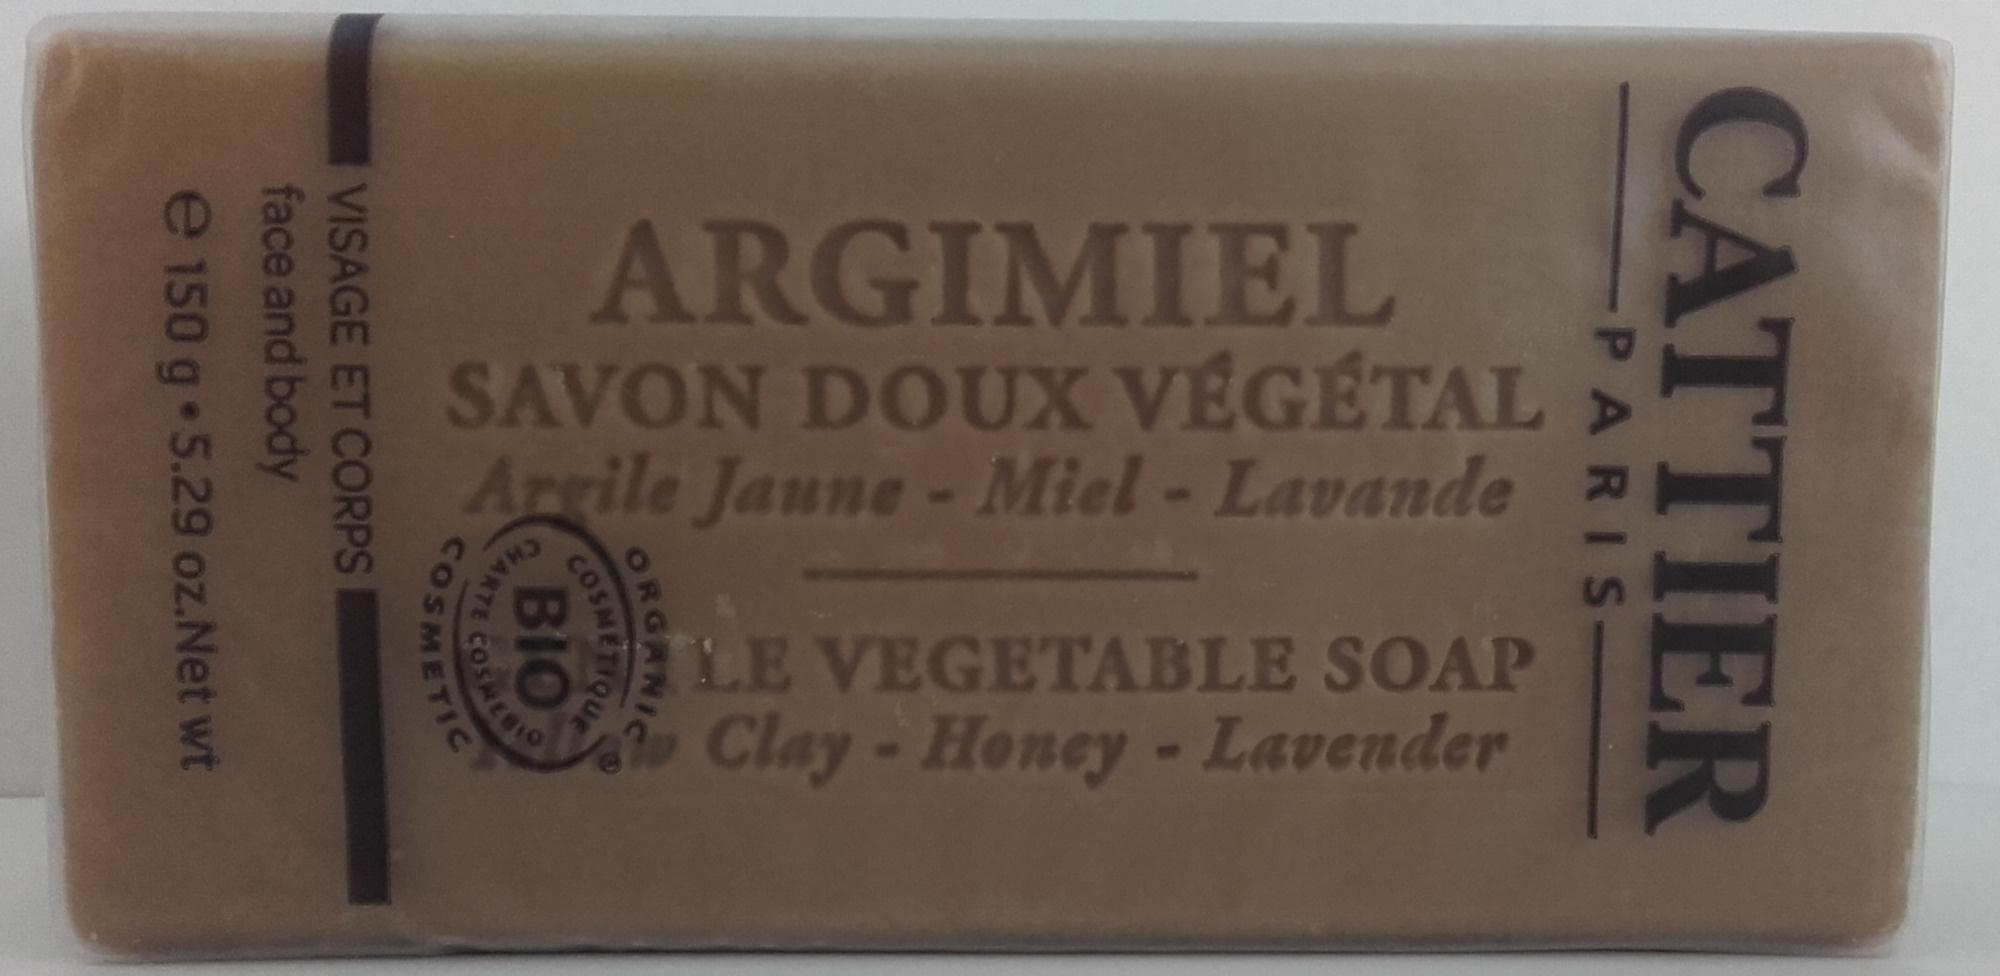 Argimiel Savon doux végétal - Product